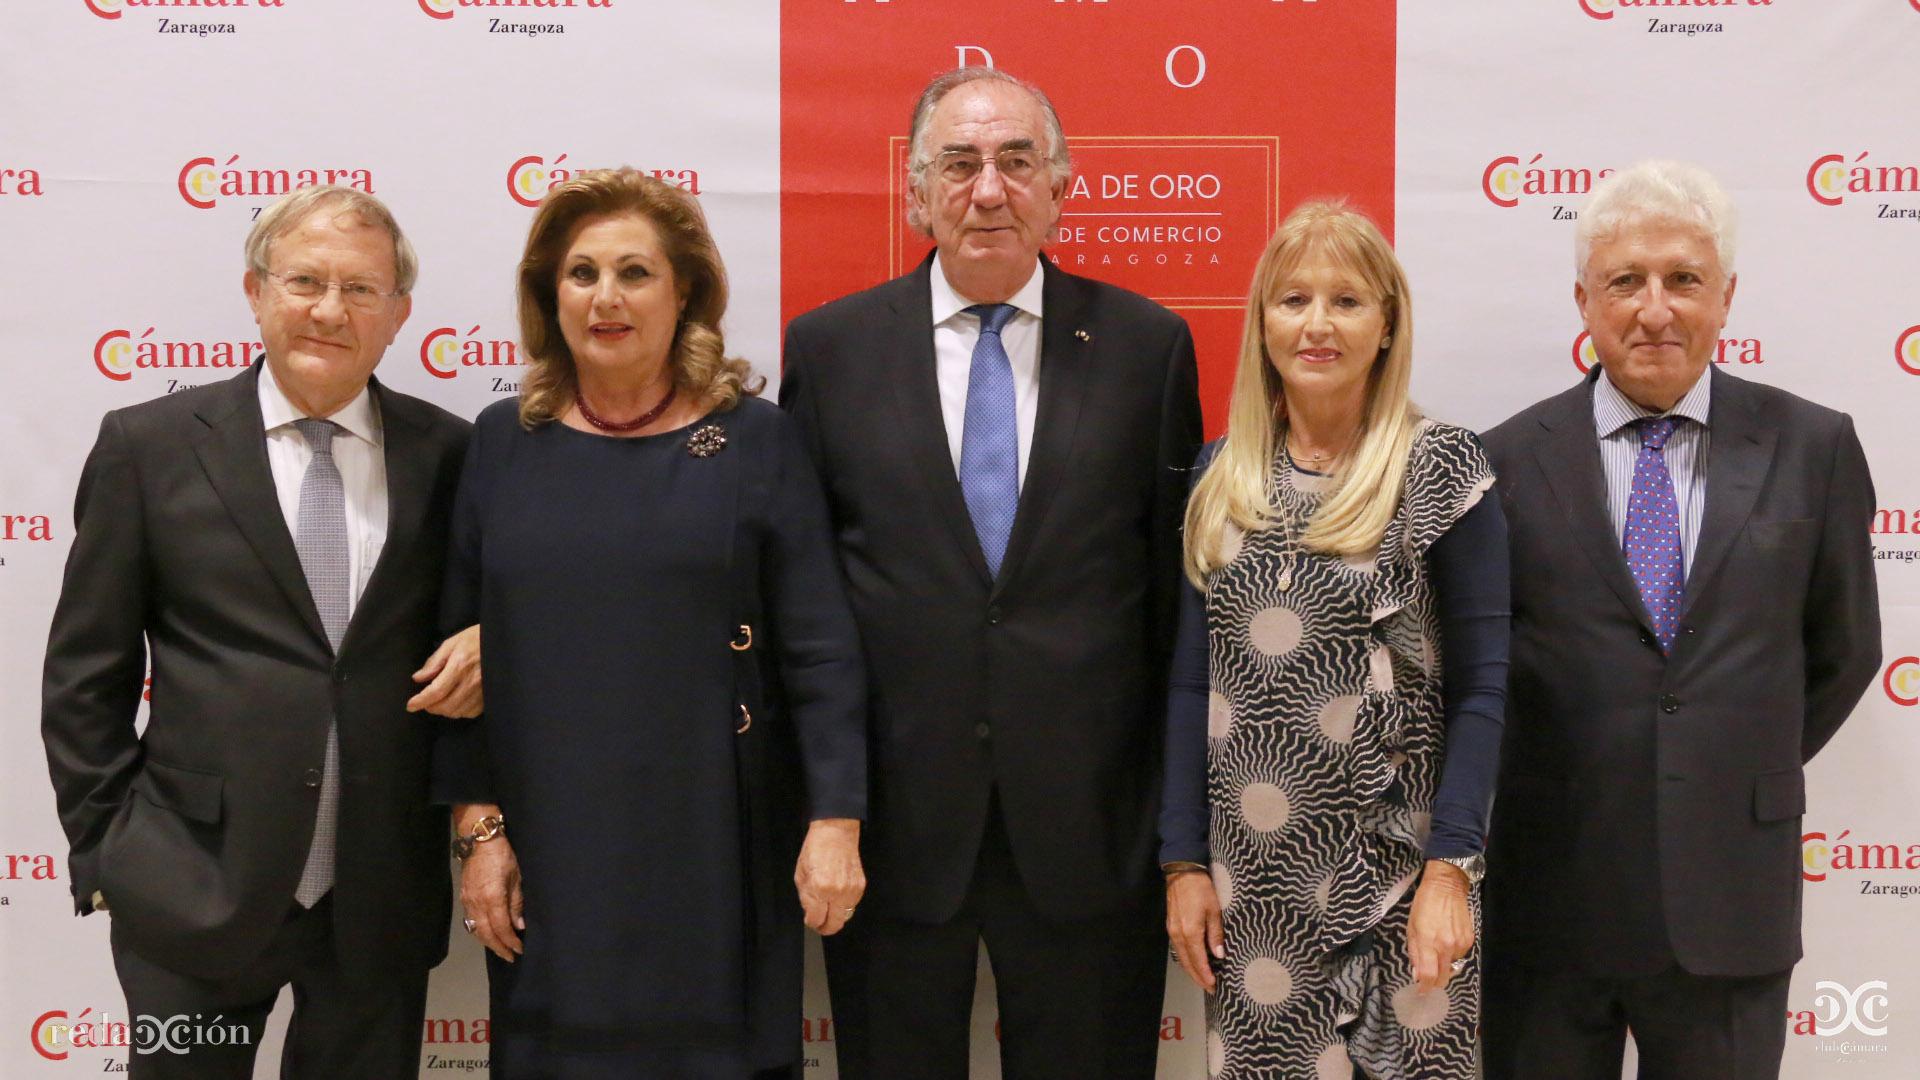 Jesús Morte, María Pilar García, Amado Franco, María Pilar Marco, Fernando Vicente